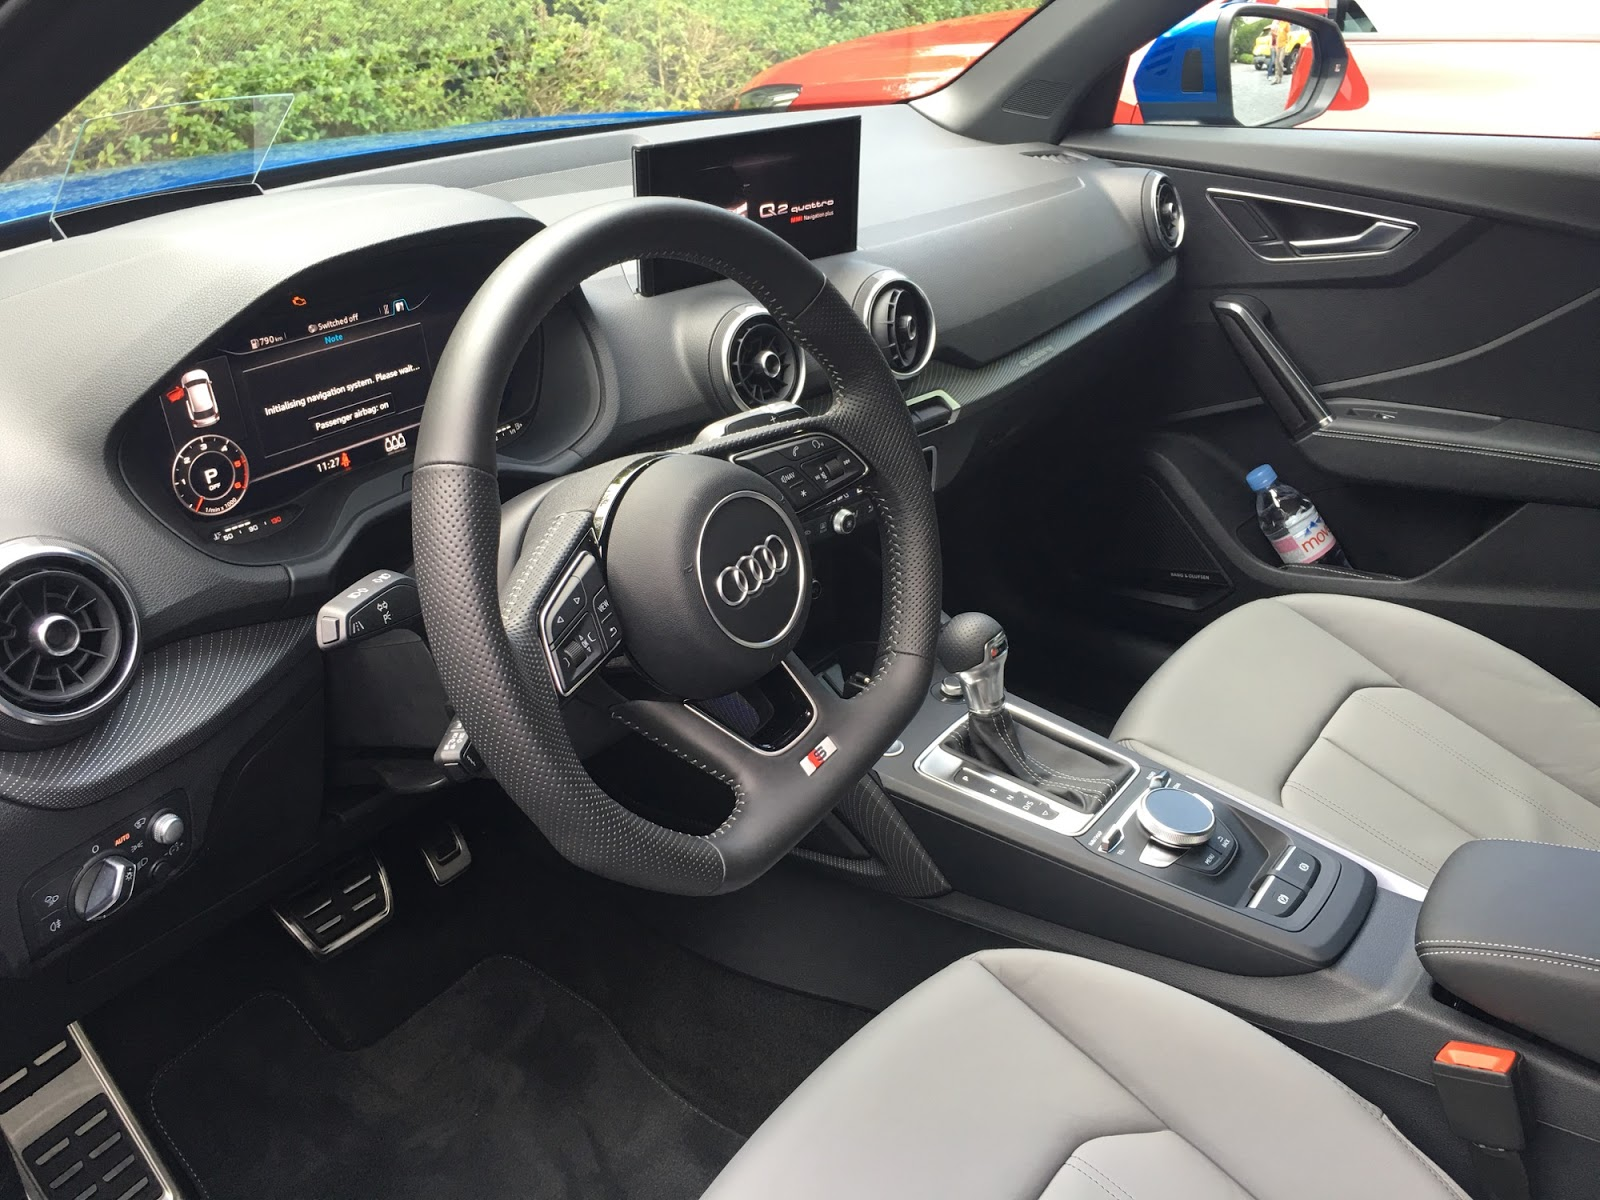 Nội thất của xe khá hiện đại nhưng không phải quá hào nhoáng